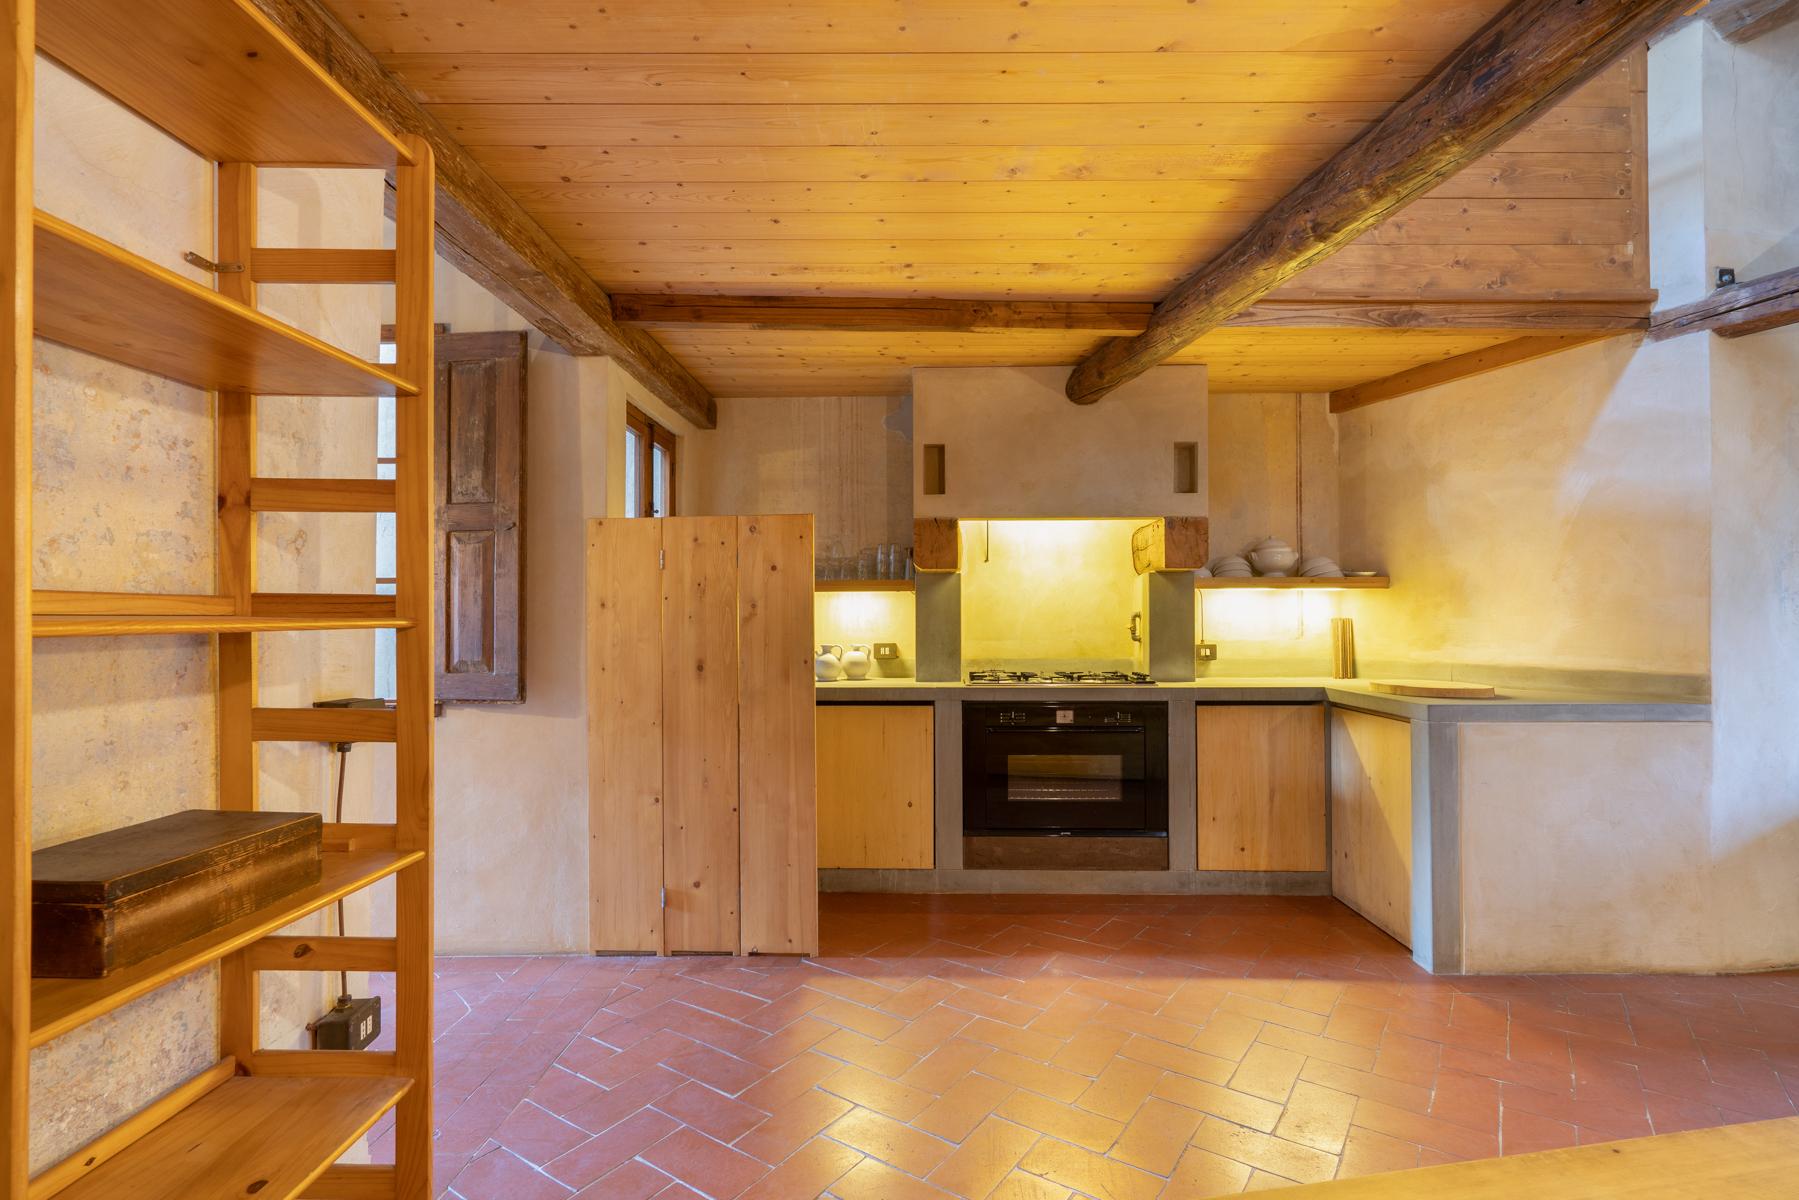 Appartamento in Vendita a Firenze: 4 locali, 120 mq - Foto 9